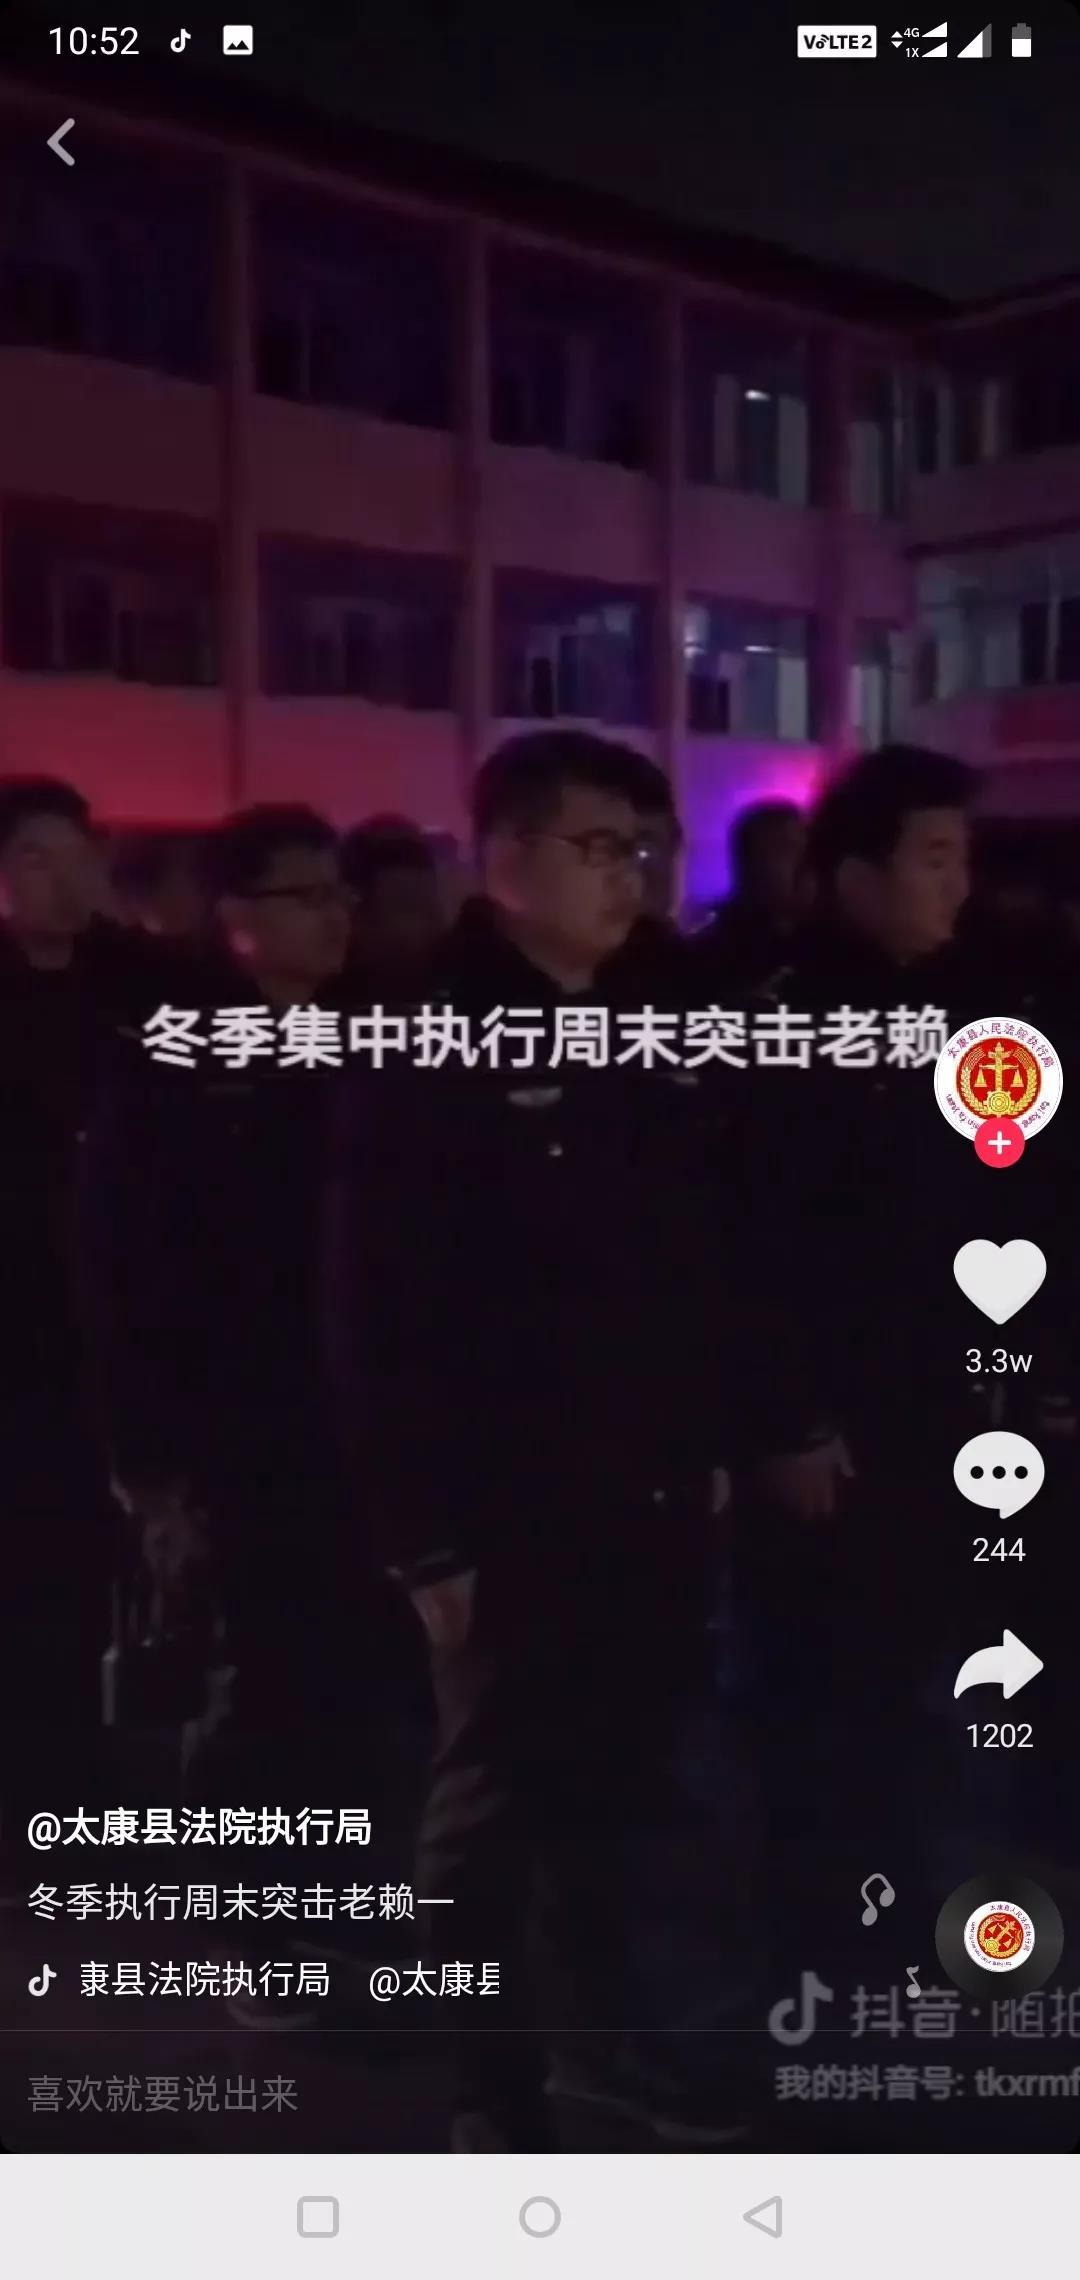 2019年春节过年姿势:老赖难熬2